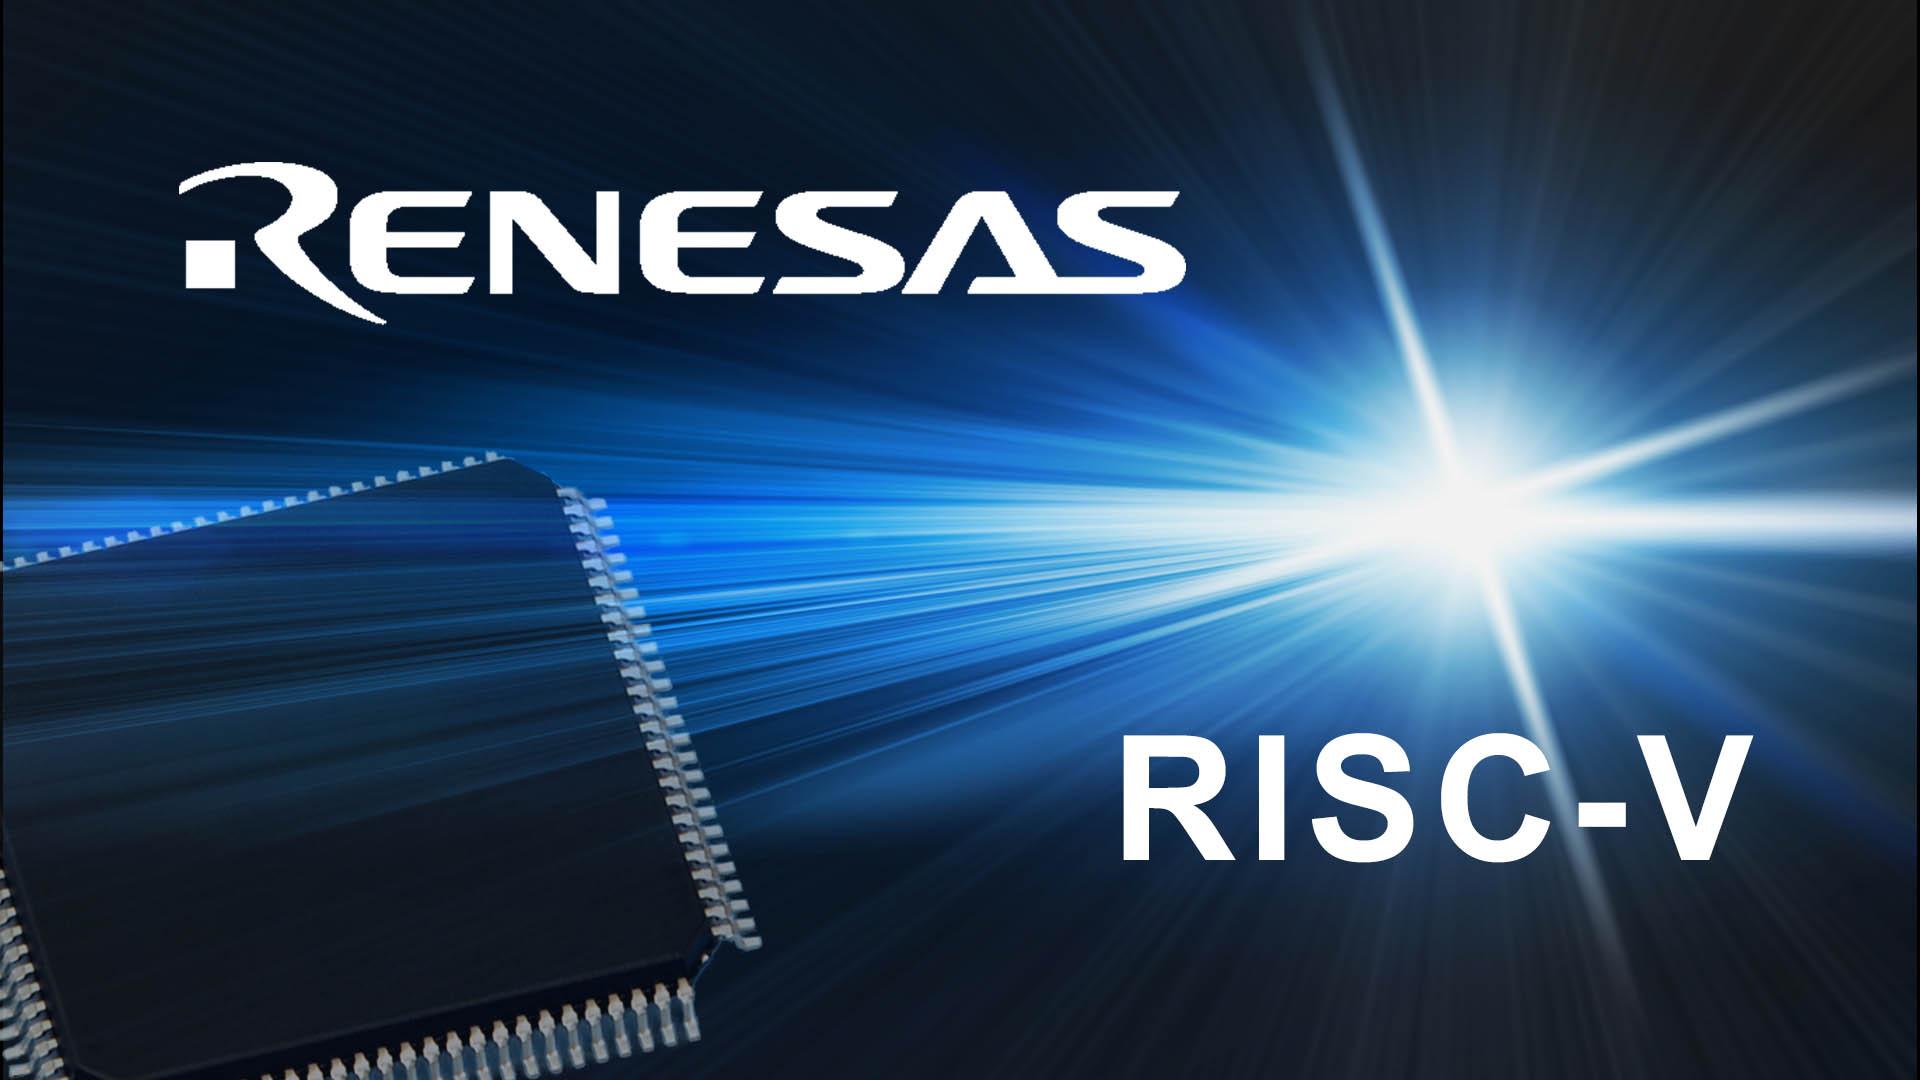 瑞萨电子采用Andes RISC-V 32位CPU内核开发其首款RISC-V架构ASSP产品